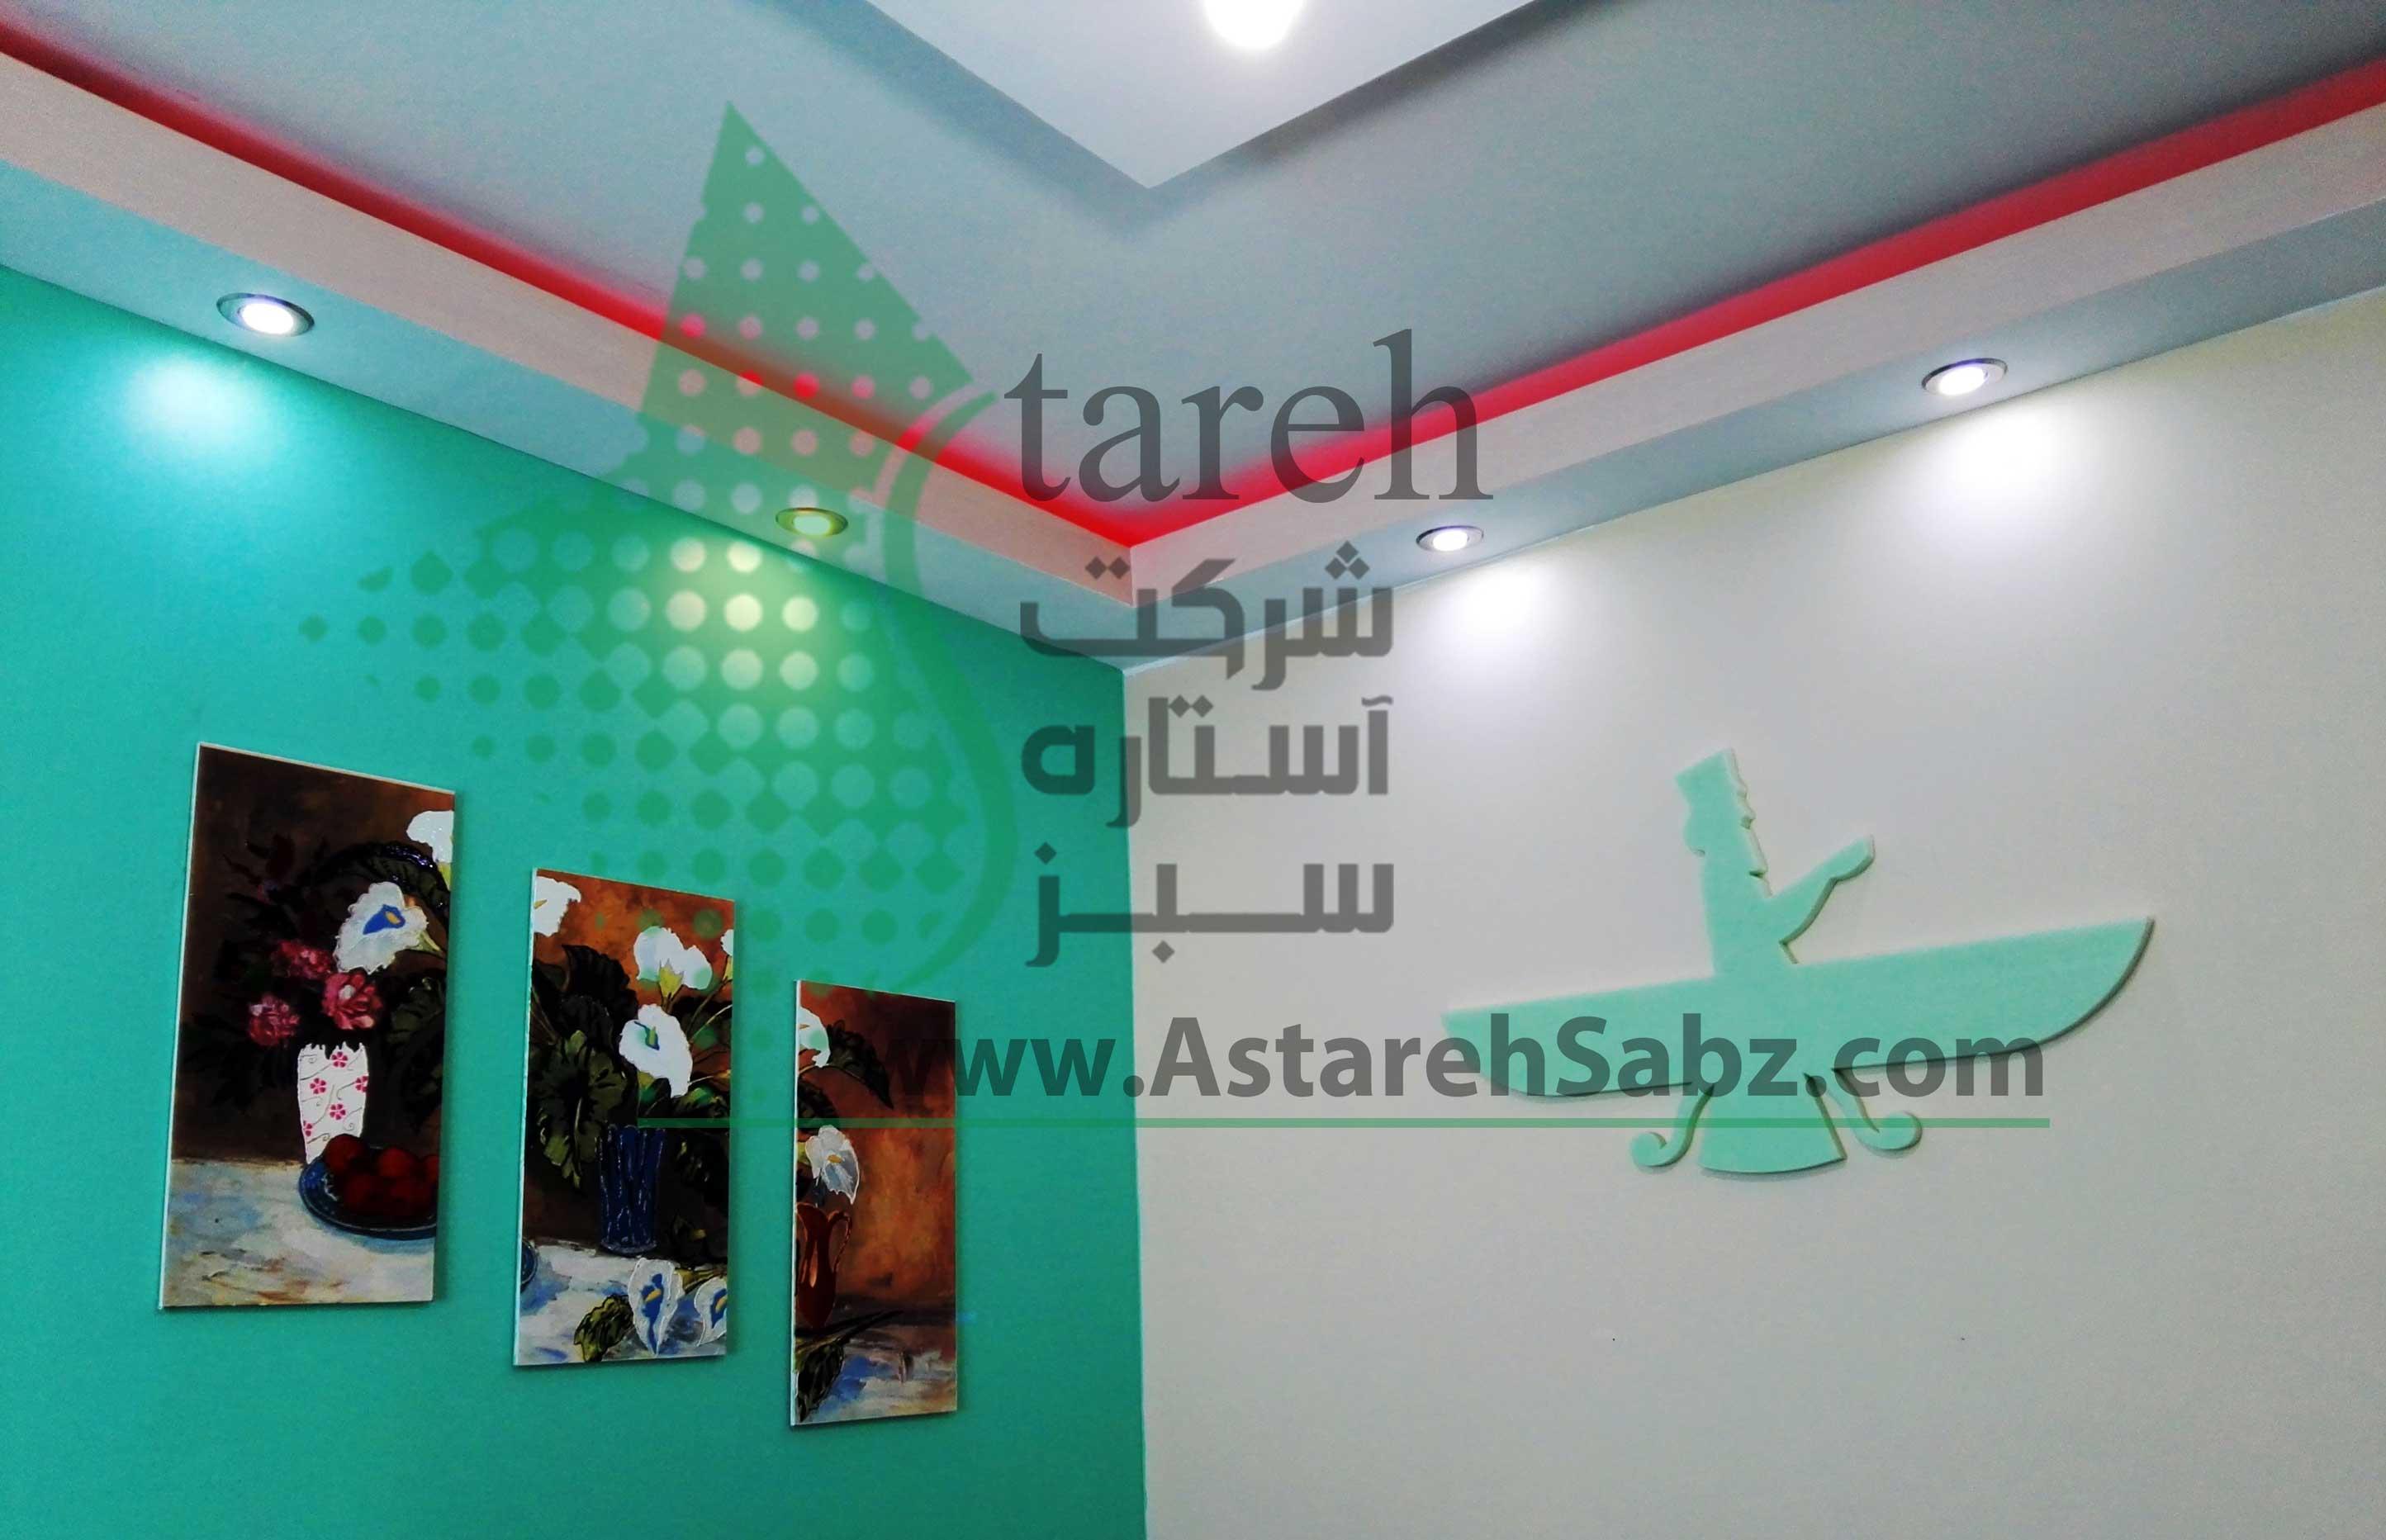 (Astareh Sabz (224